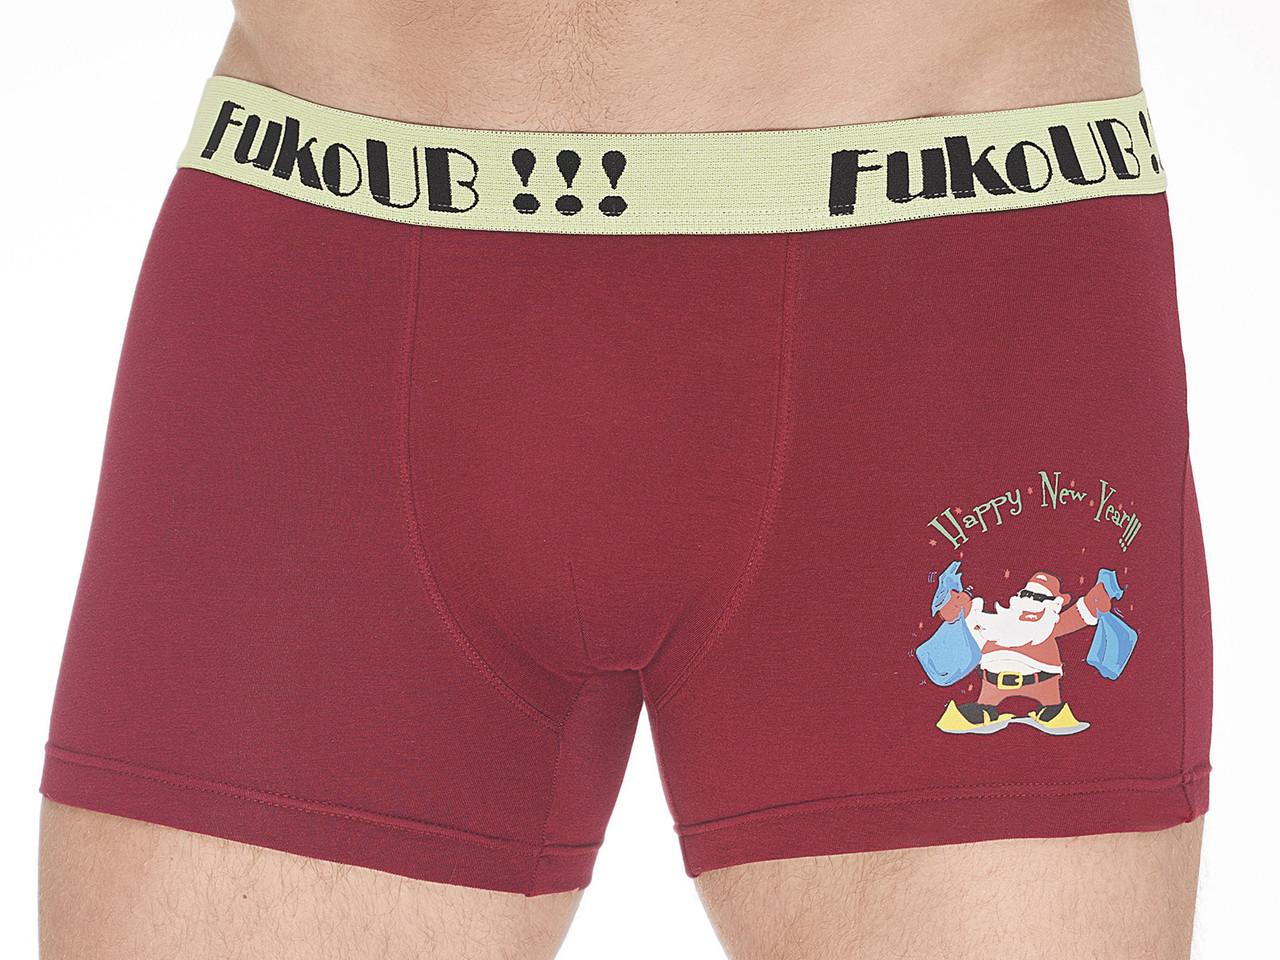 Трусы мужские Fuko ub 8091